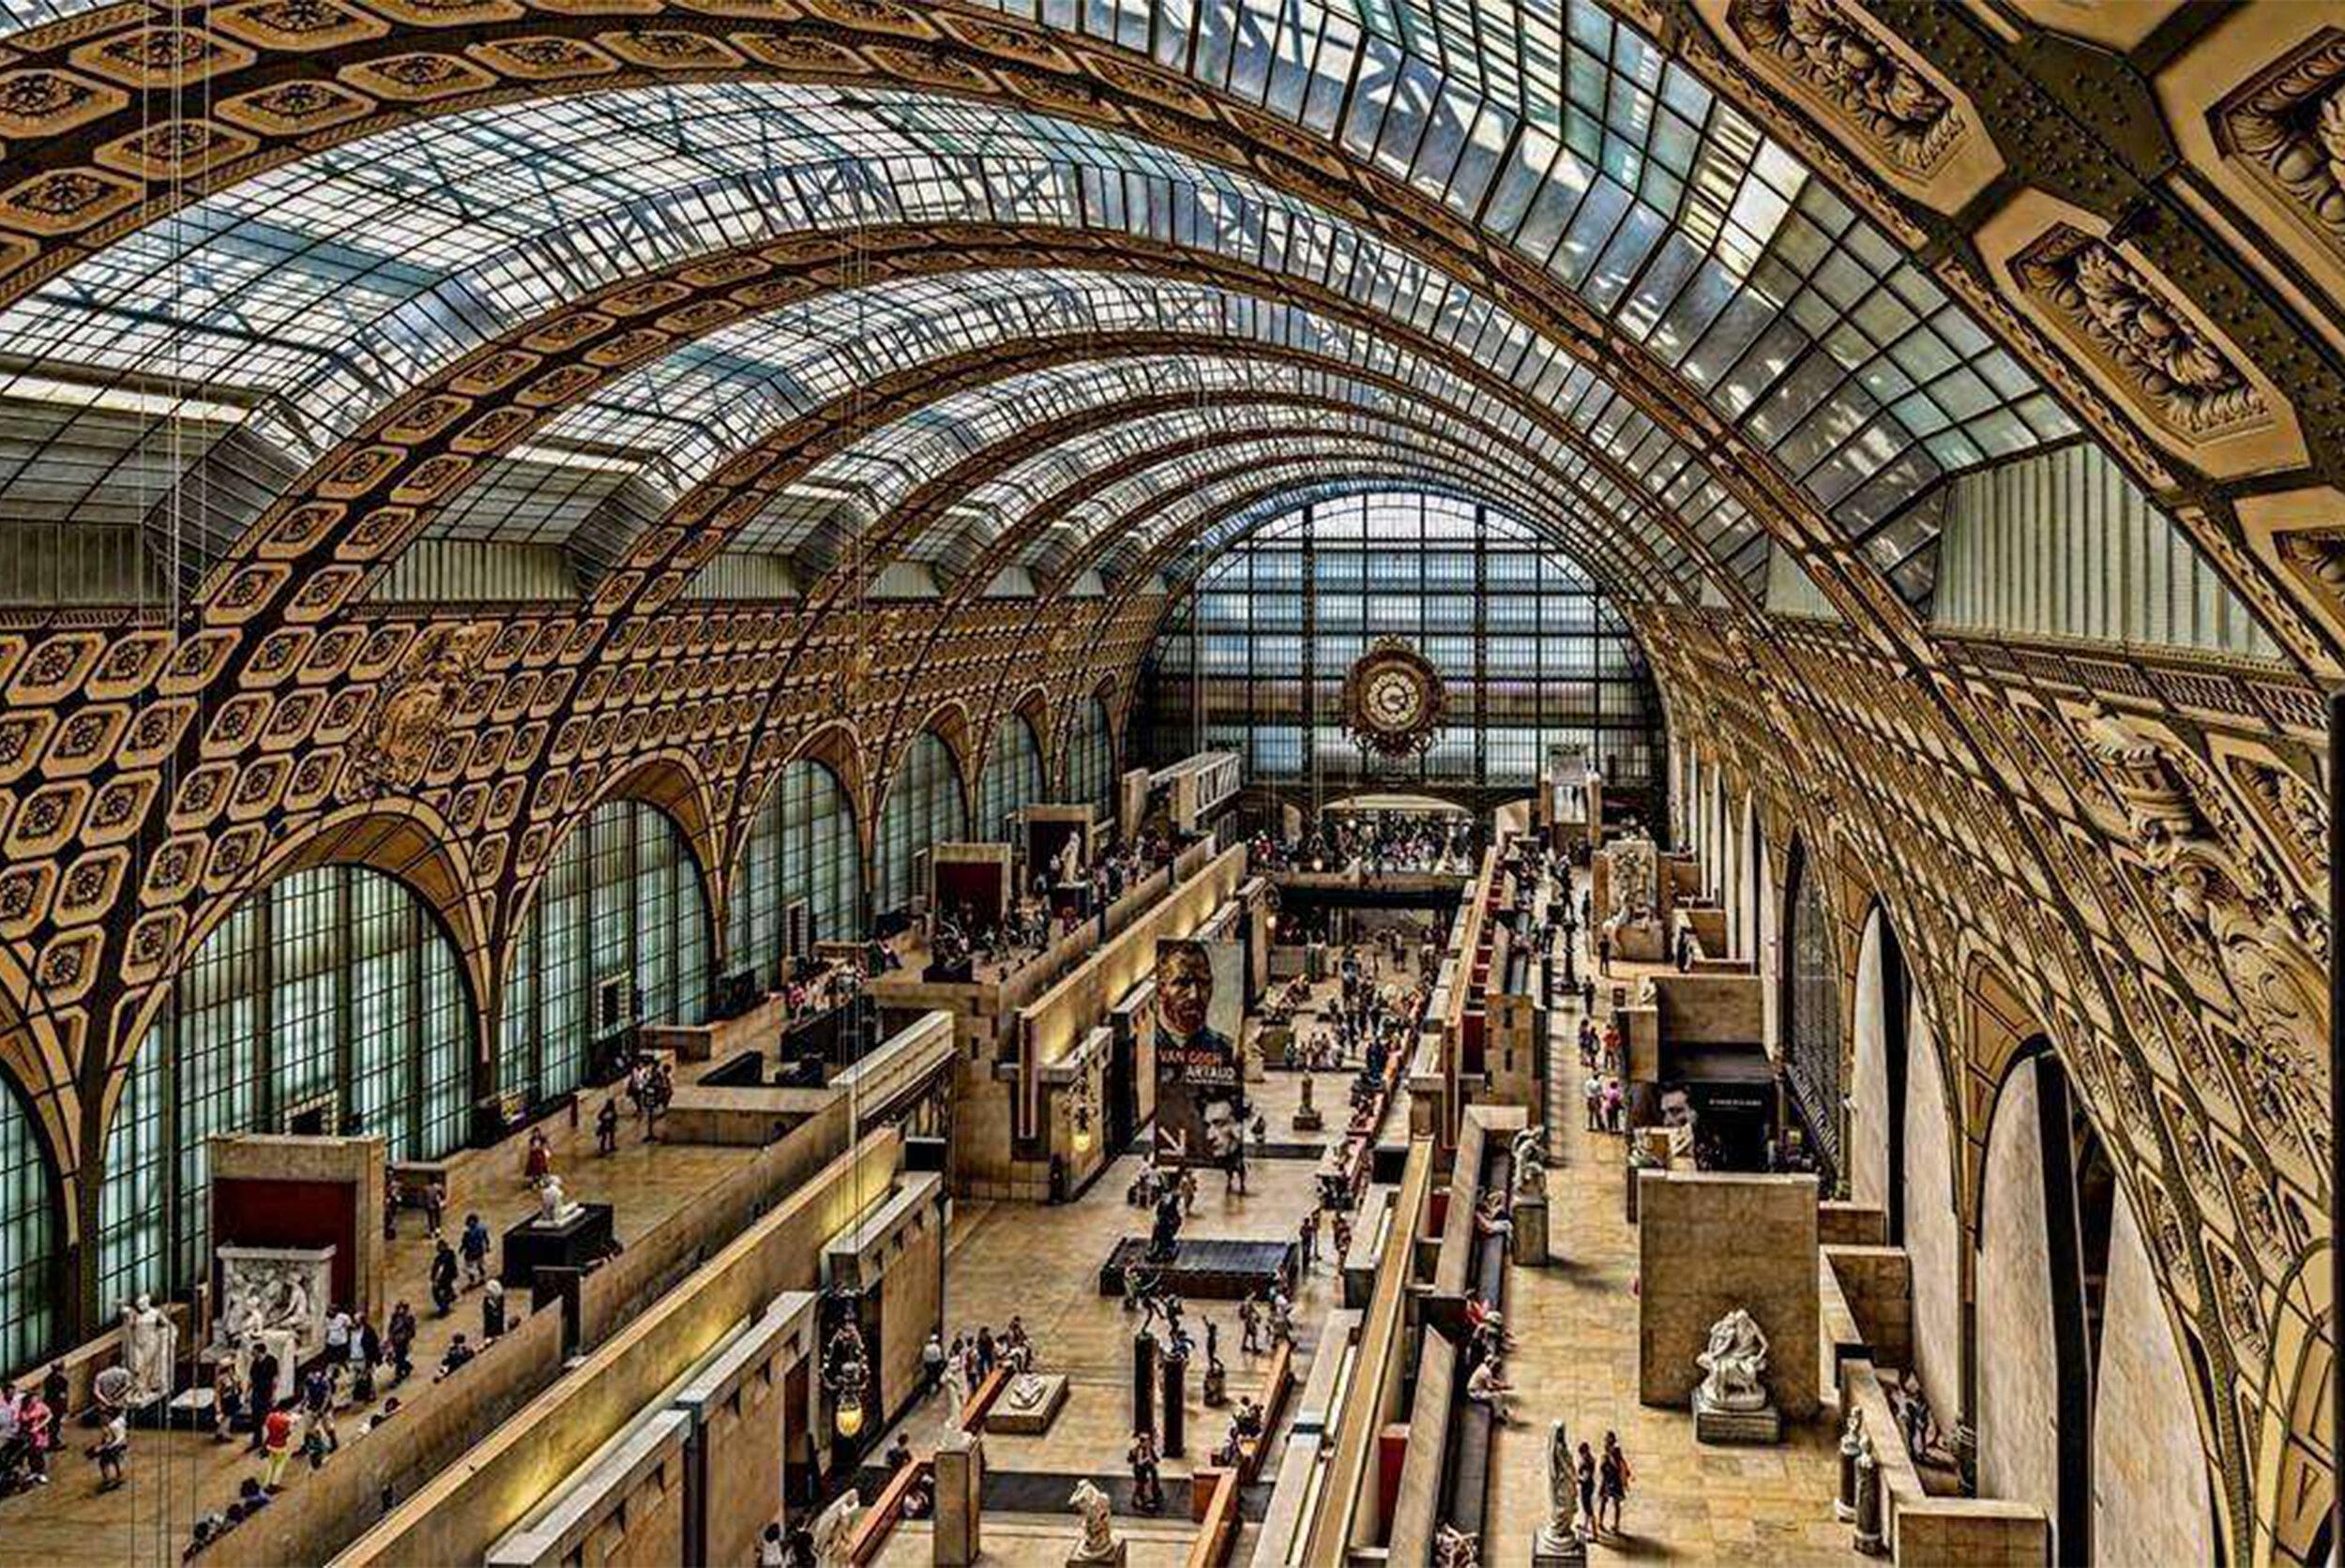 Museu-dOrsay-2.jpg